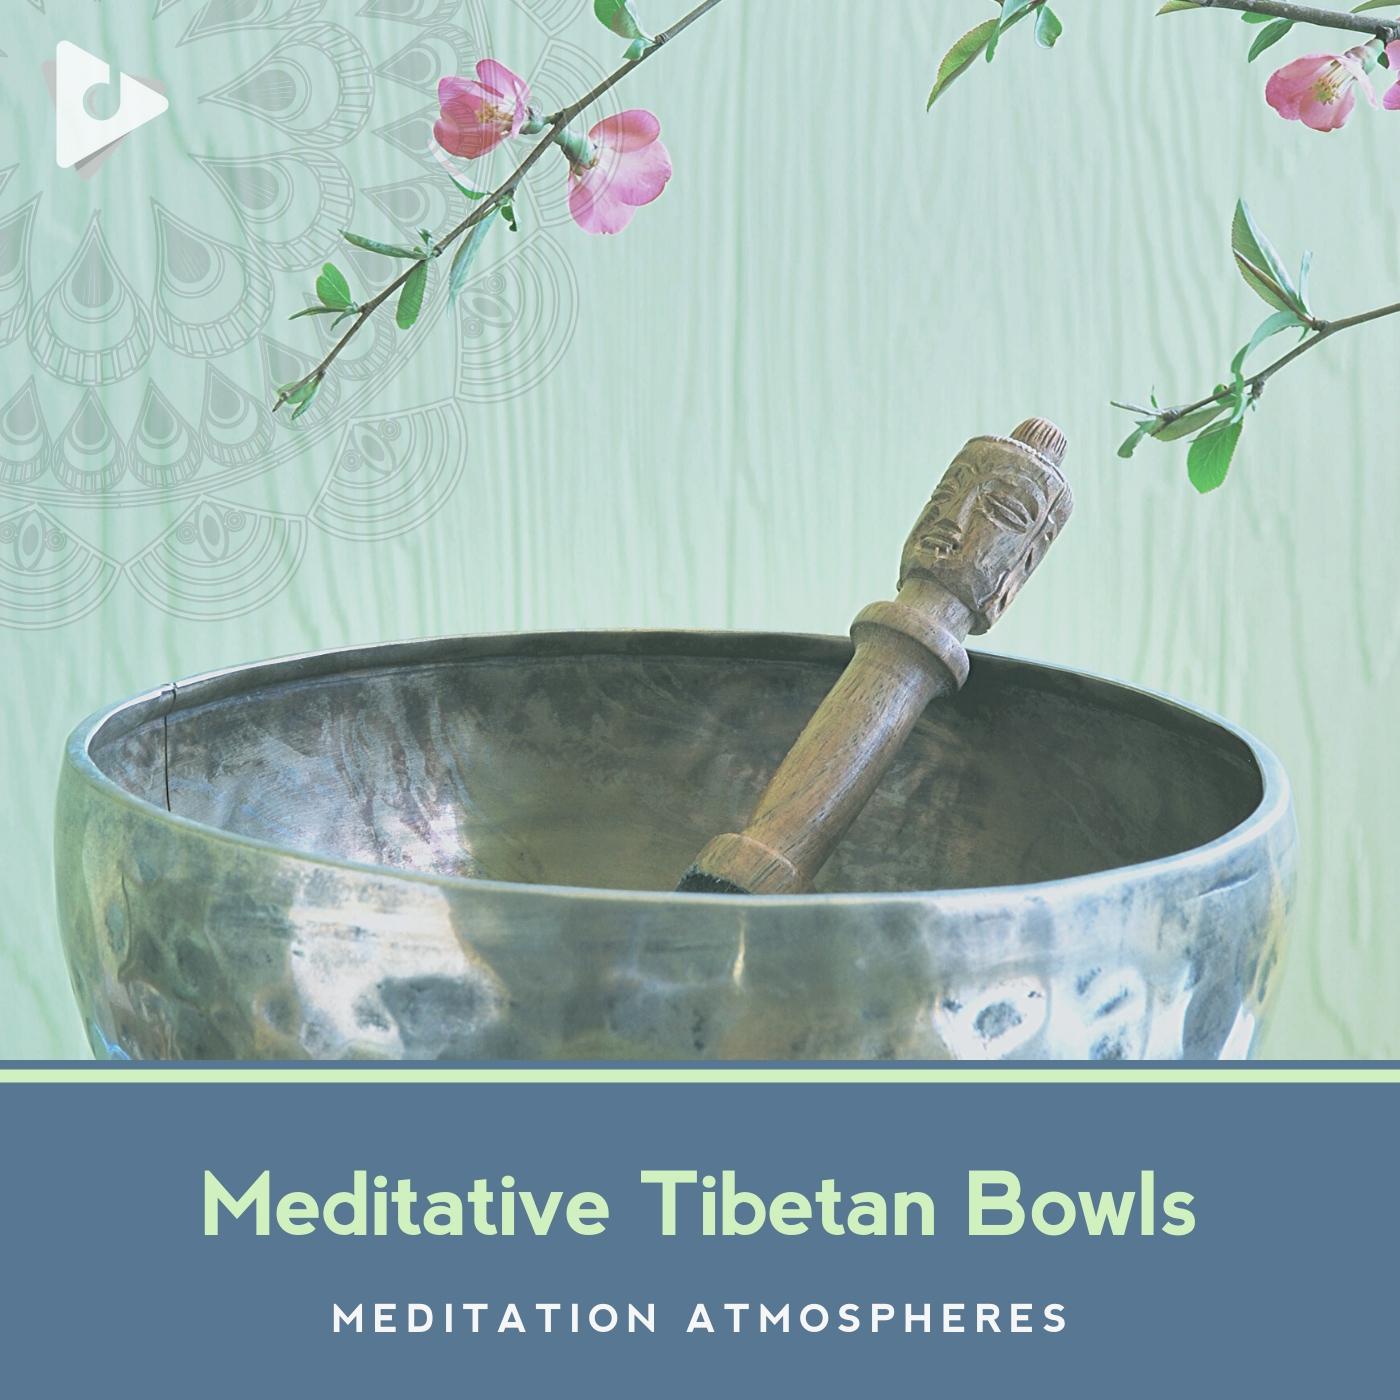 Meditative Tibetan Bowls